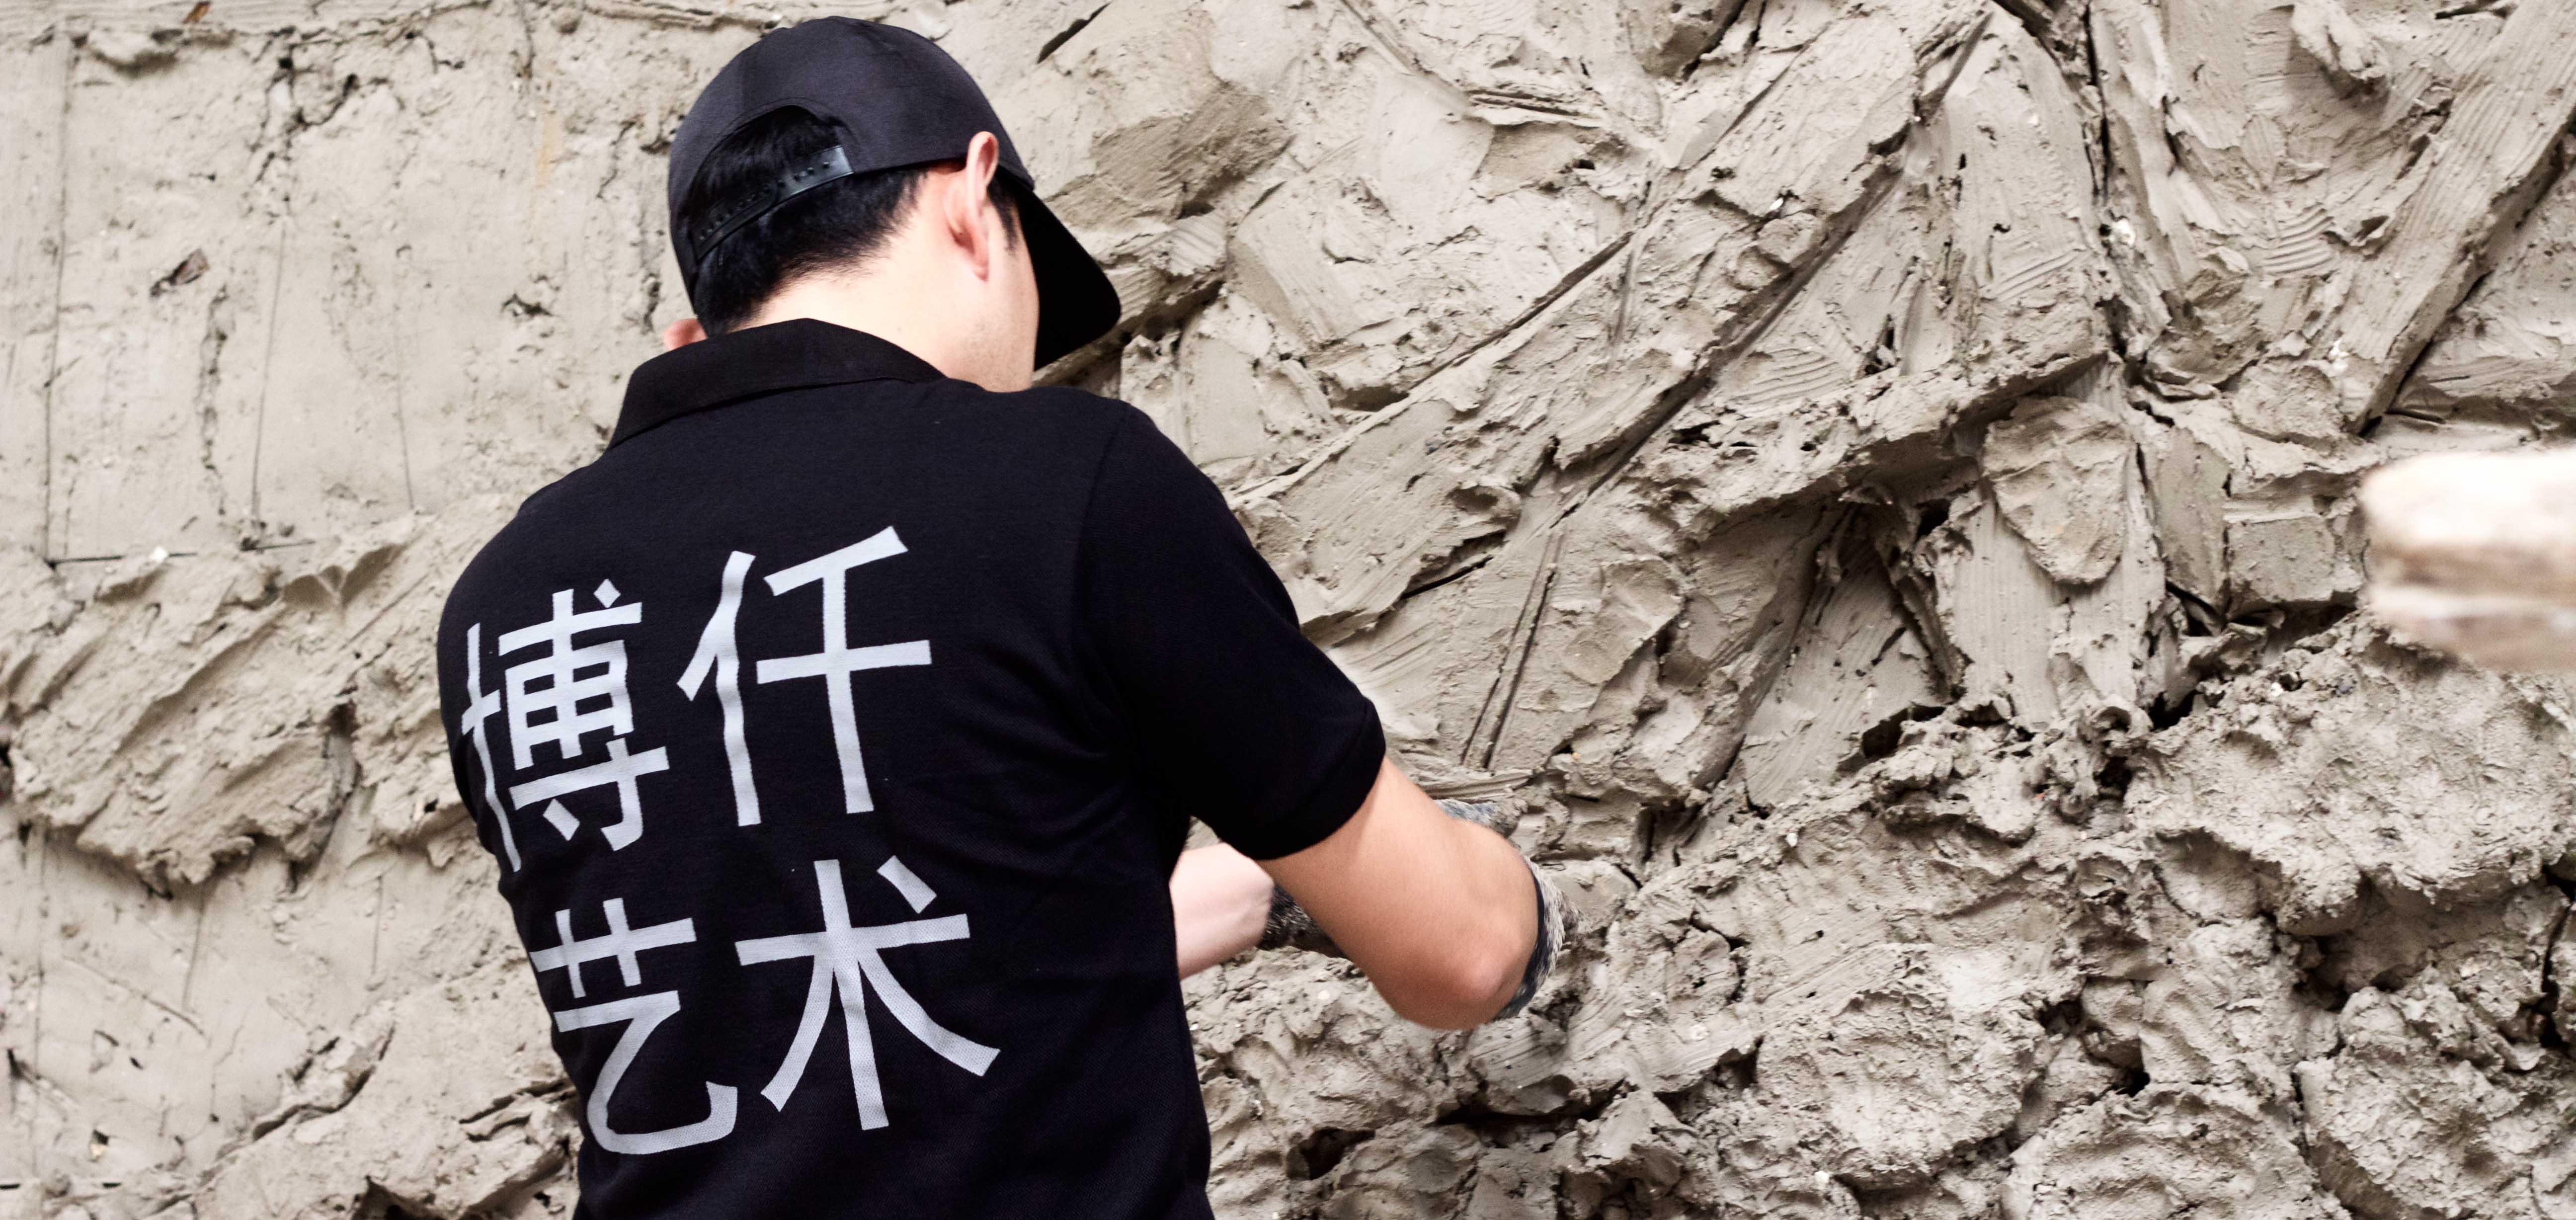 博仟北京万博体育彩票官网app公司拥有2000平米万博体育彩票官网app加工厂和专业的万博体育彩票官网app制作团队